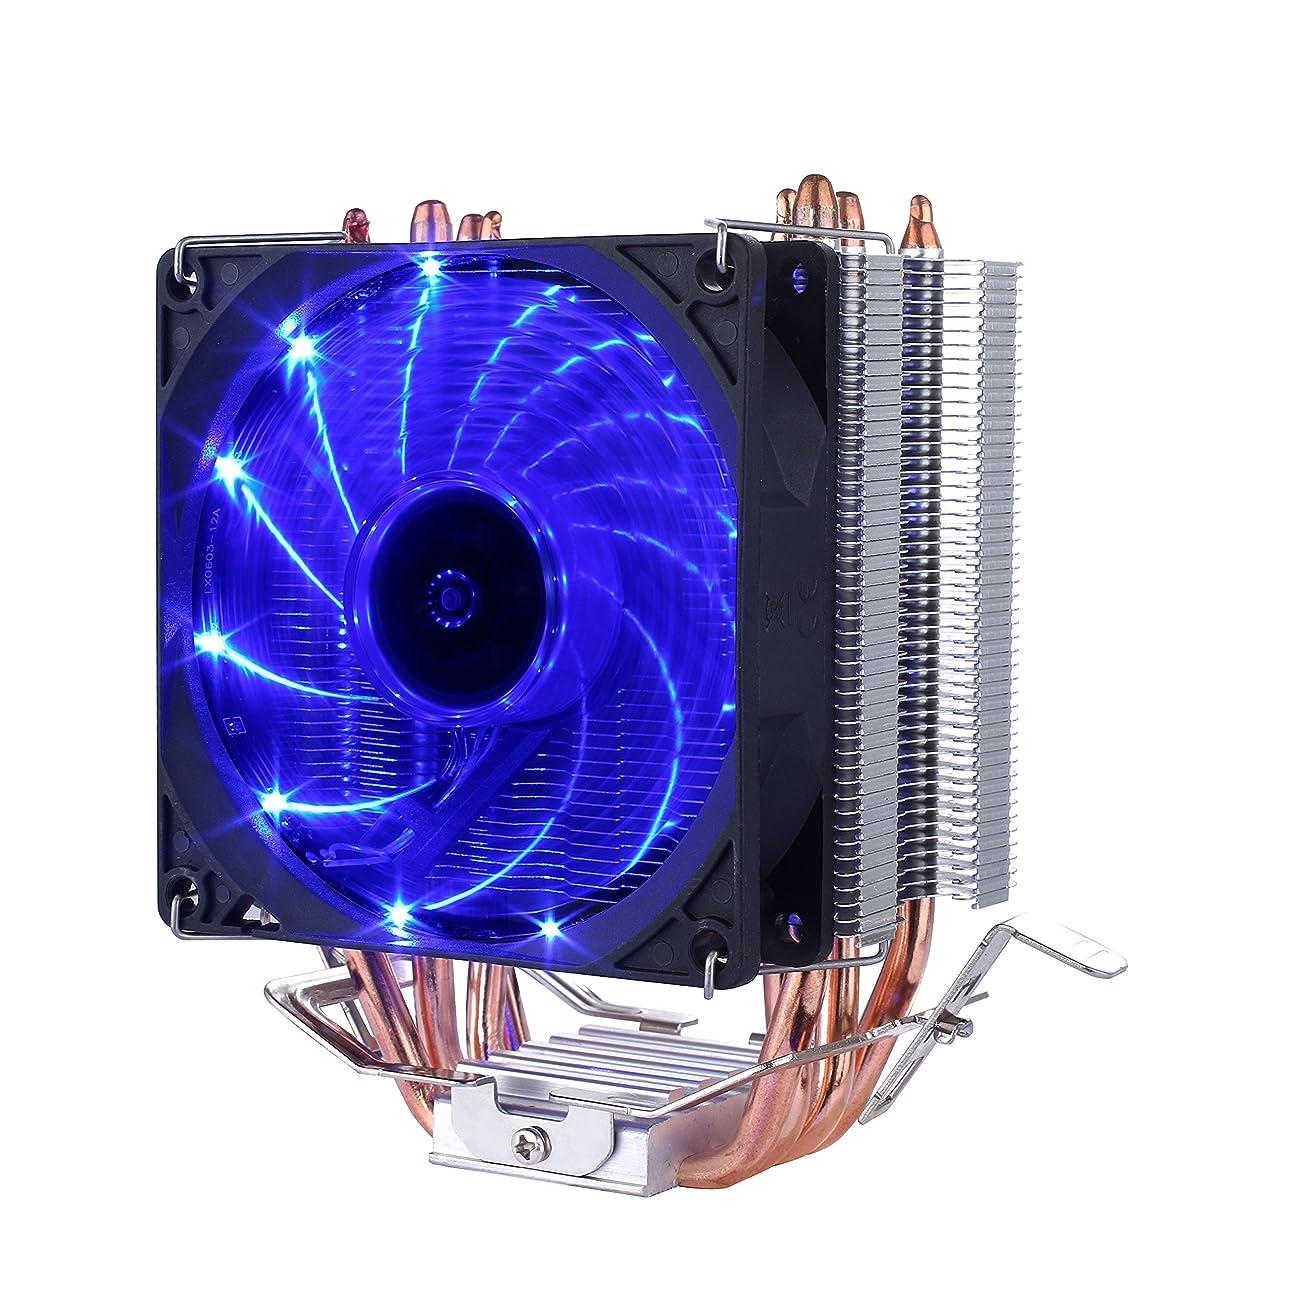 キモい拘束悪意CoolerMaster ベイパーチャンバー&大型140mmデュアルPWMファン採用 サイドフロー型CPUクーラー V8GTS (型番:RR-V8VC-16PR-R1)